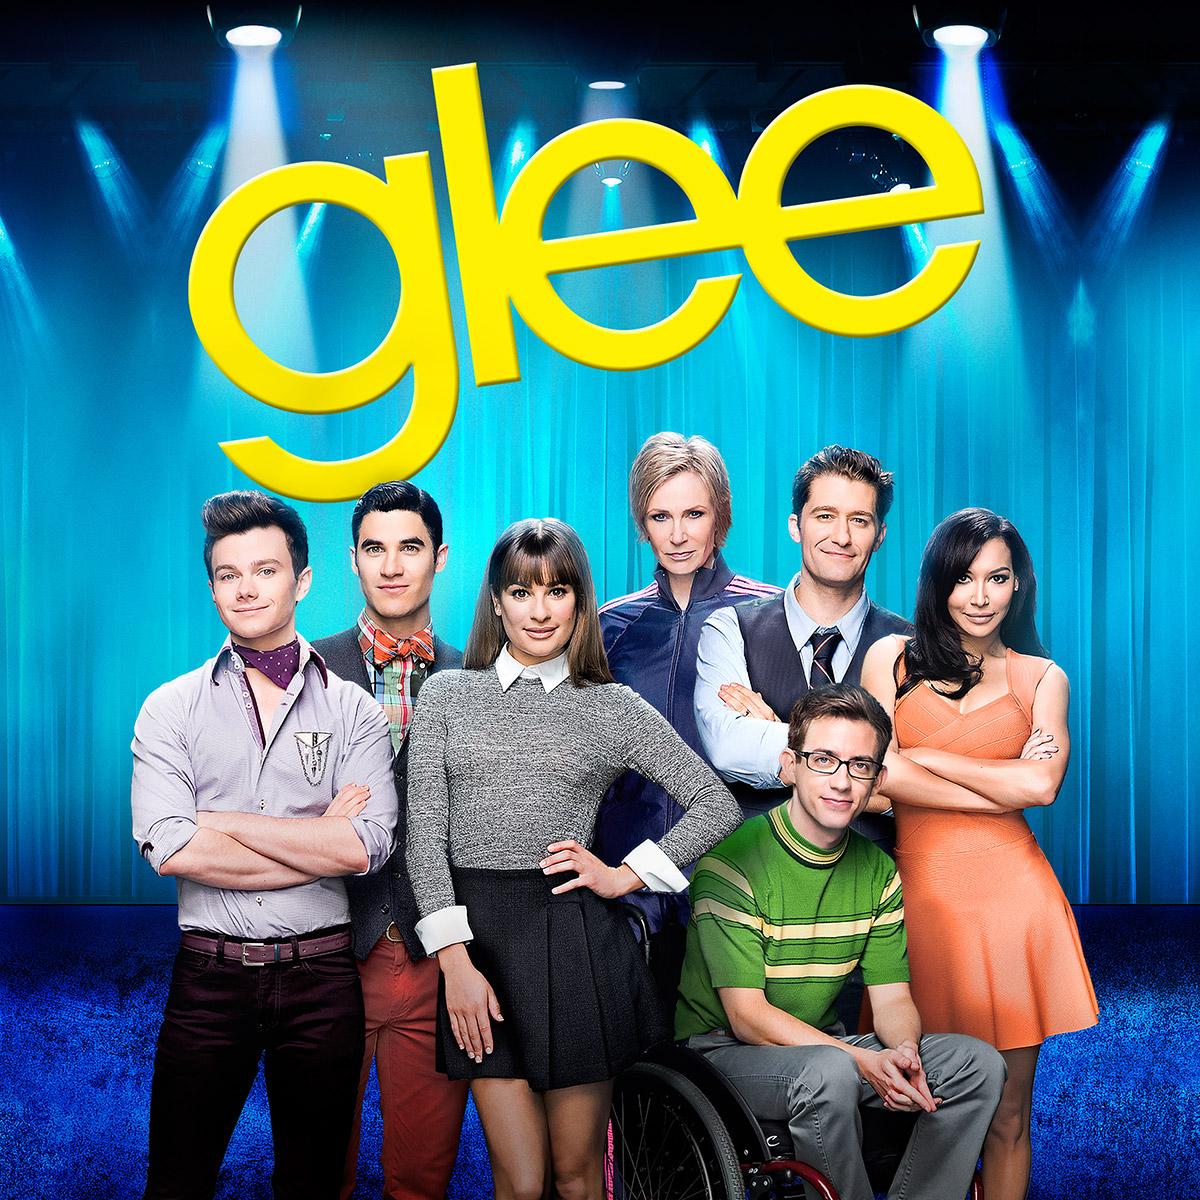 Glee Fox Promos Television Promos